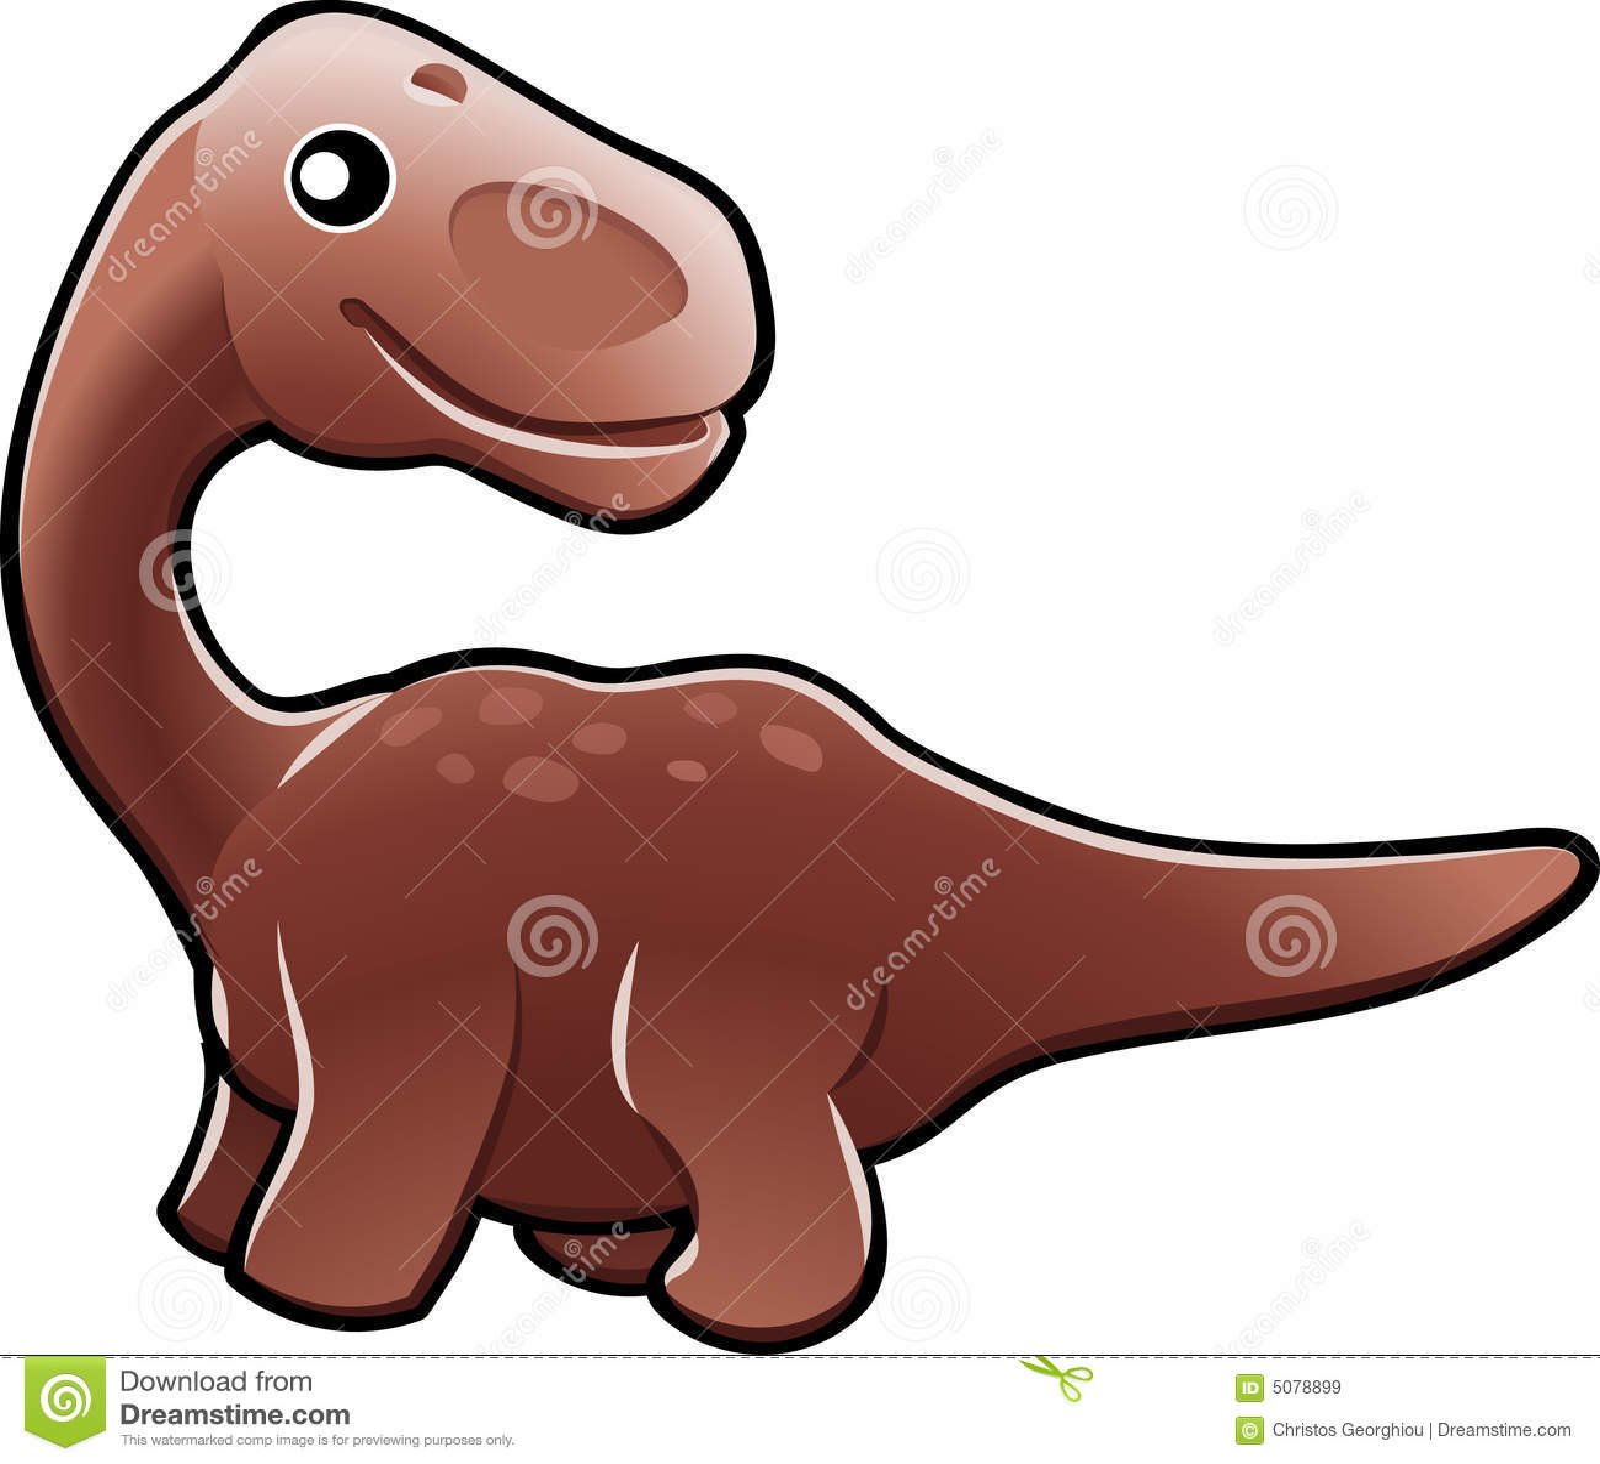 Cute diplodocus dinosaur illus